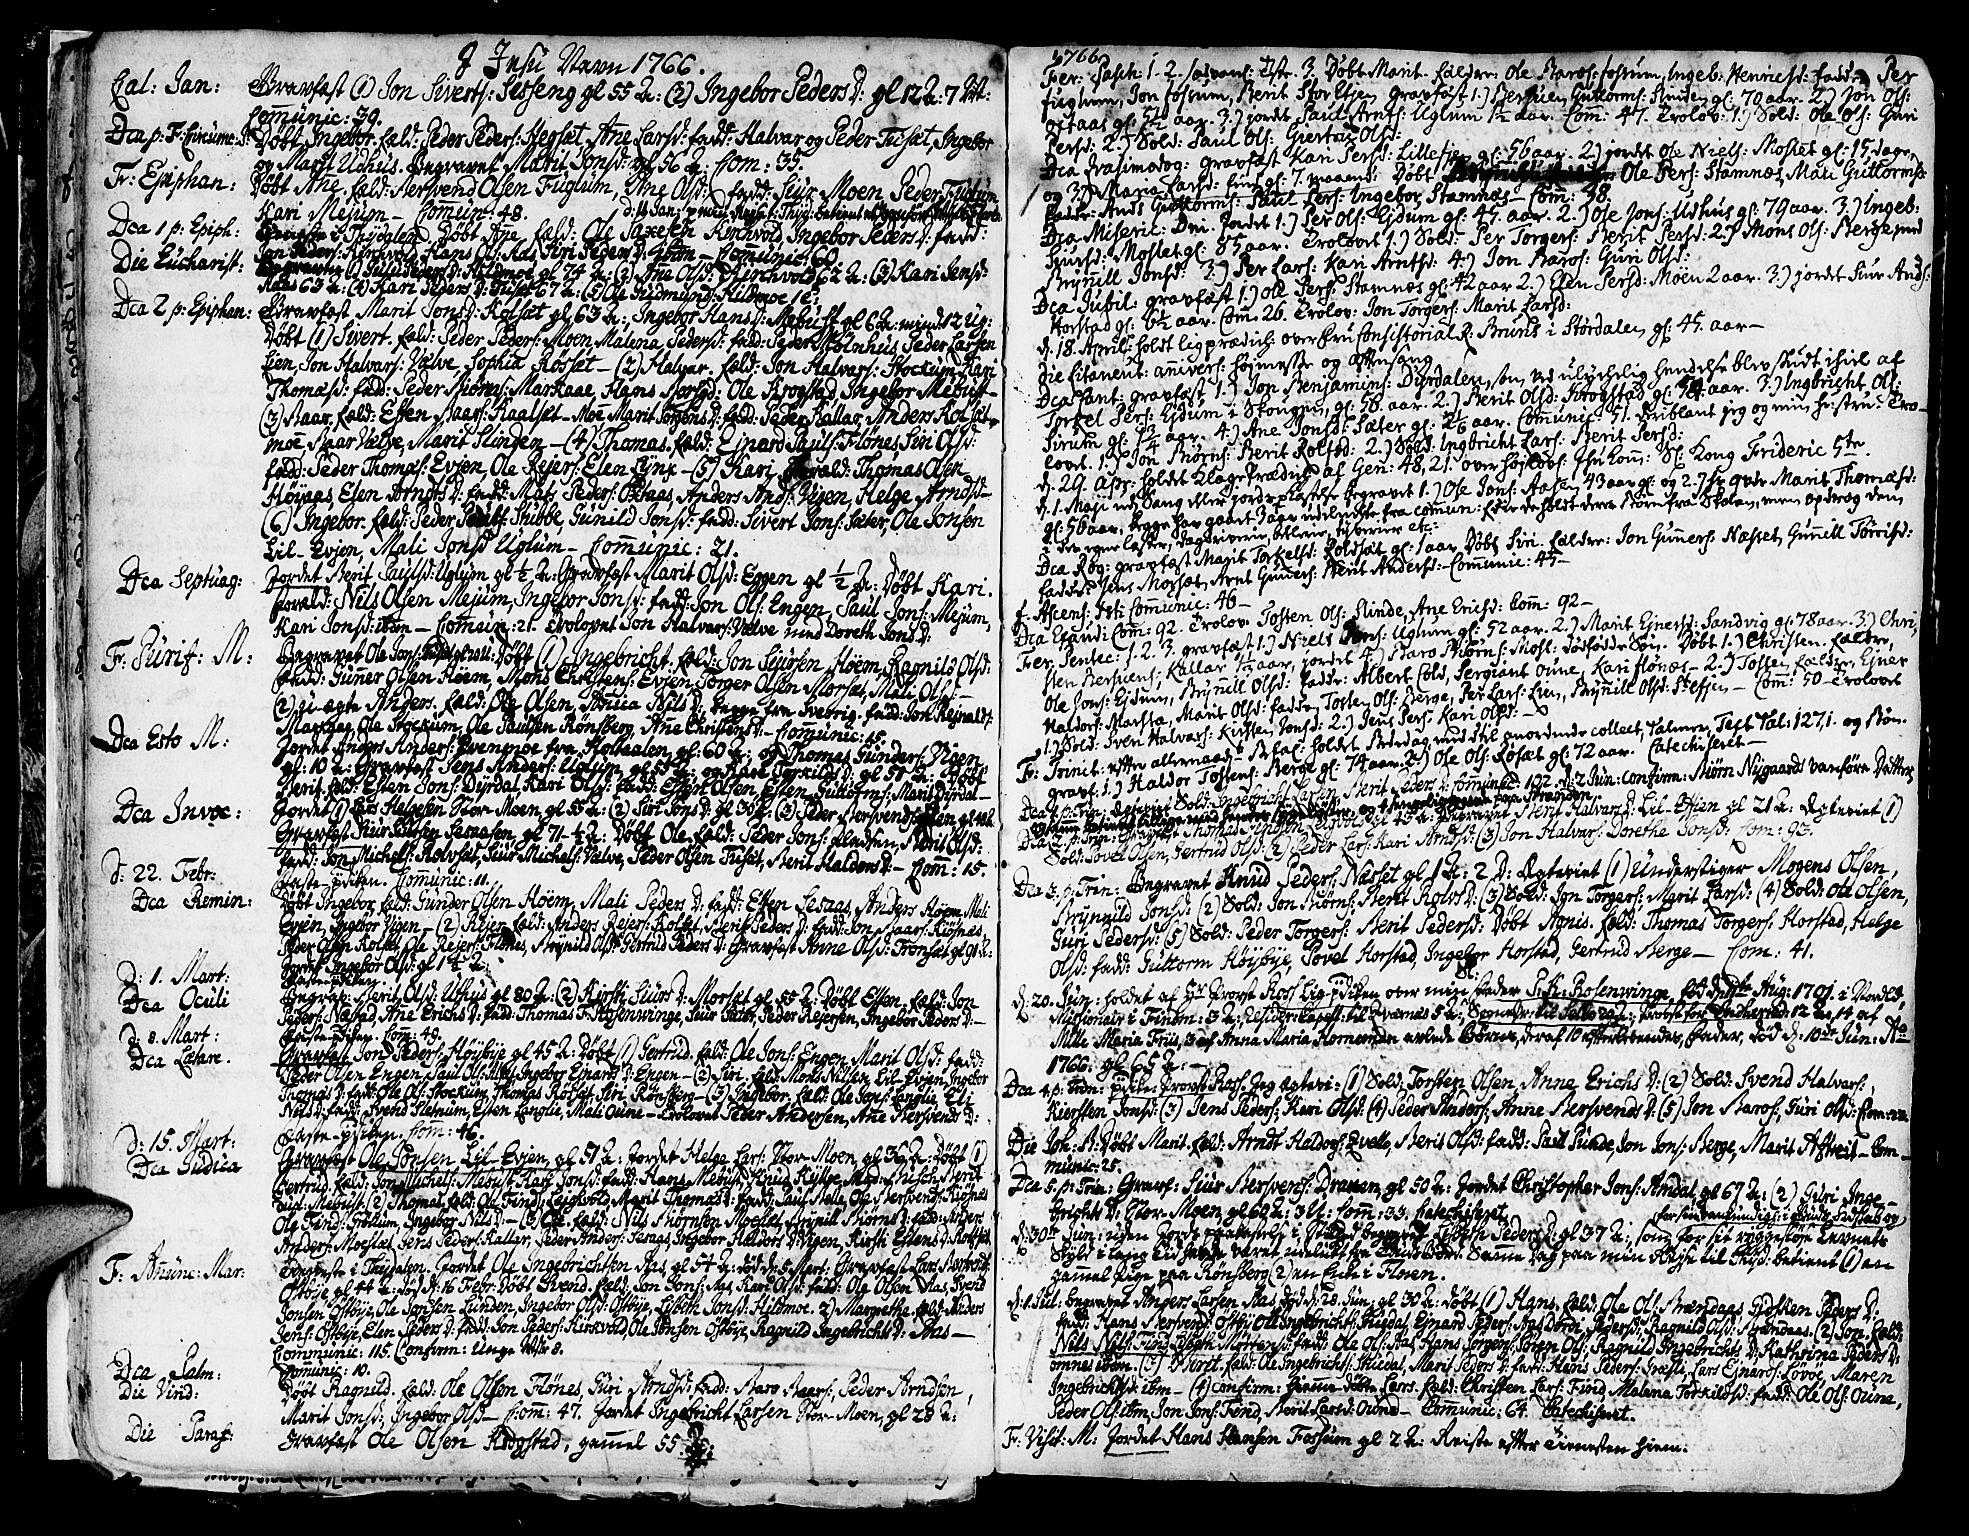 SAT, Ministerialprotokoller, klokkerbøker og fødselsregistre - Sør-Trøndelag, 695/L1138: Ministerialbok nr. 695A02 /1, 1757-1801, s. 19